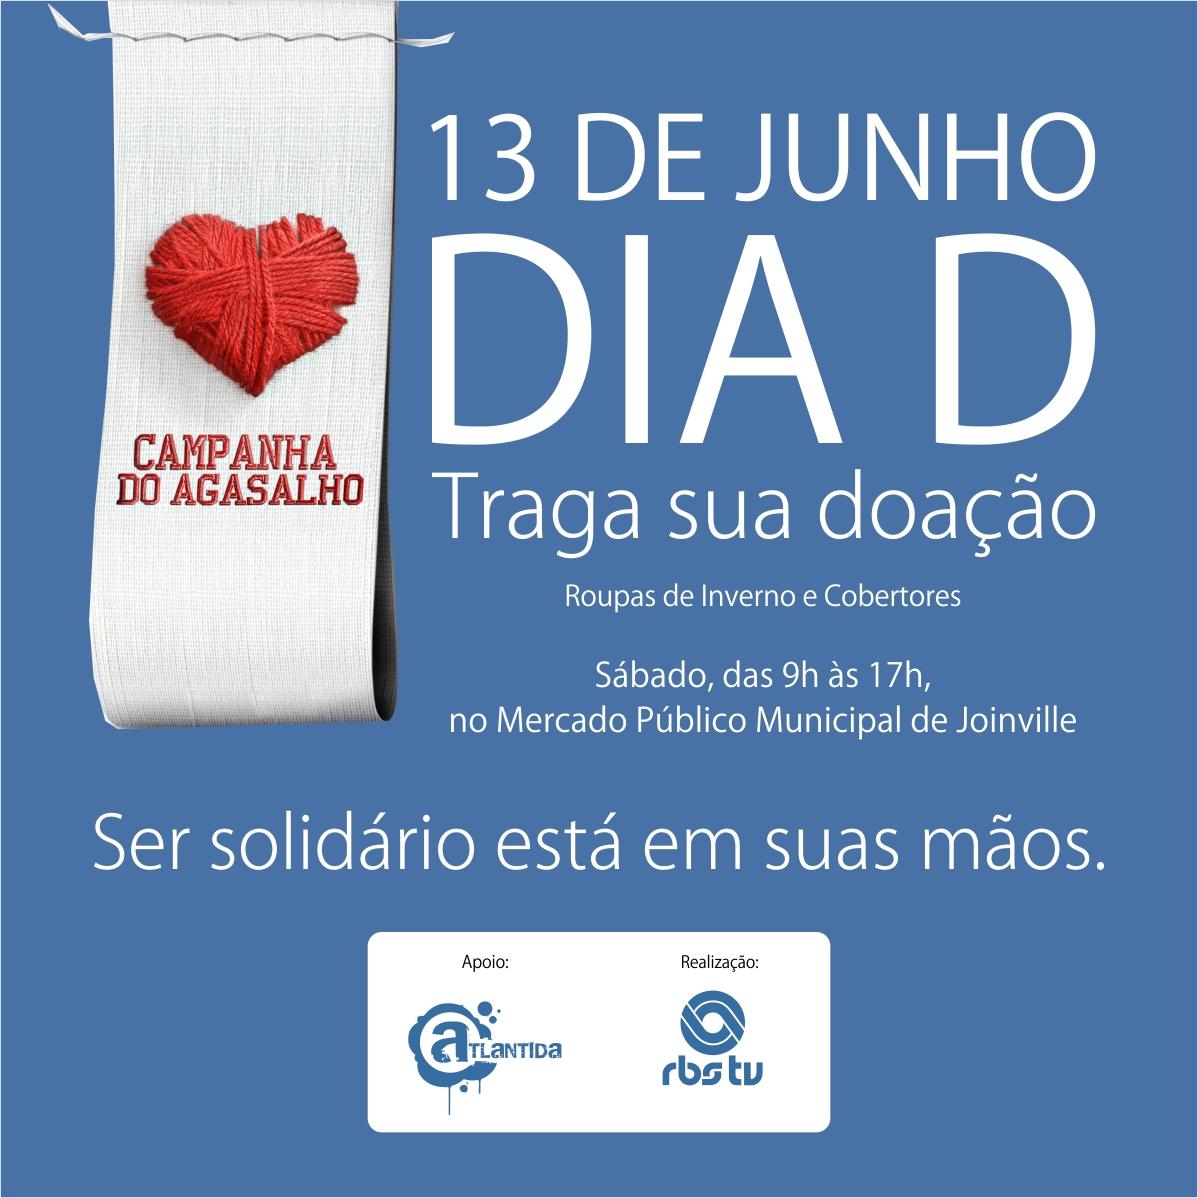 FACEBOOK Campanha do Agasalho JOINVILLE